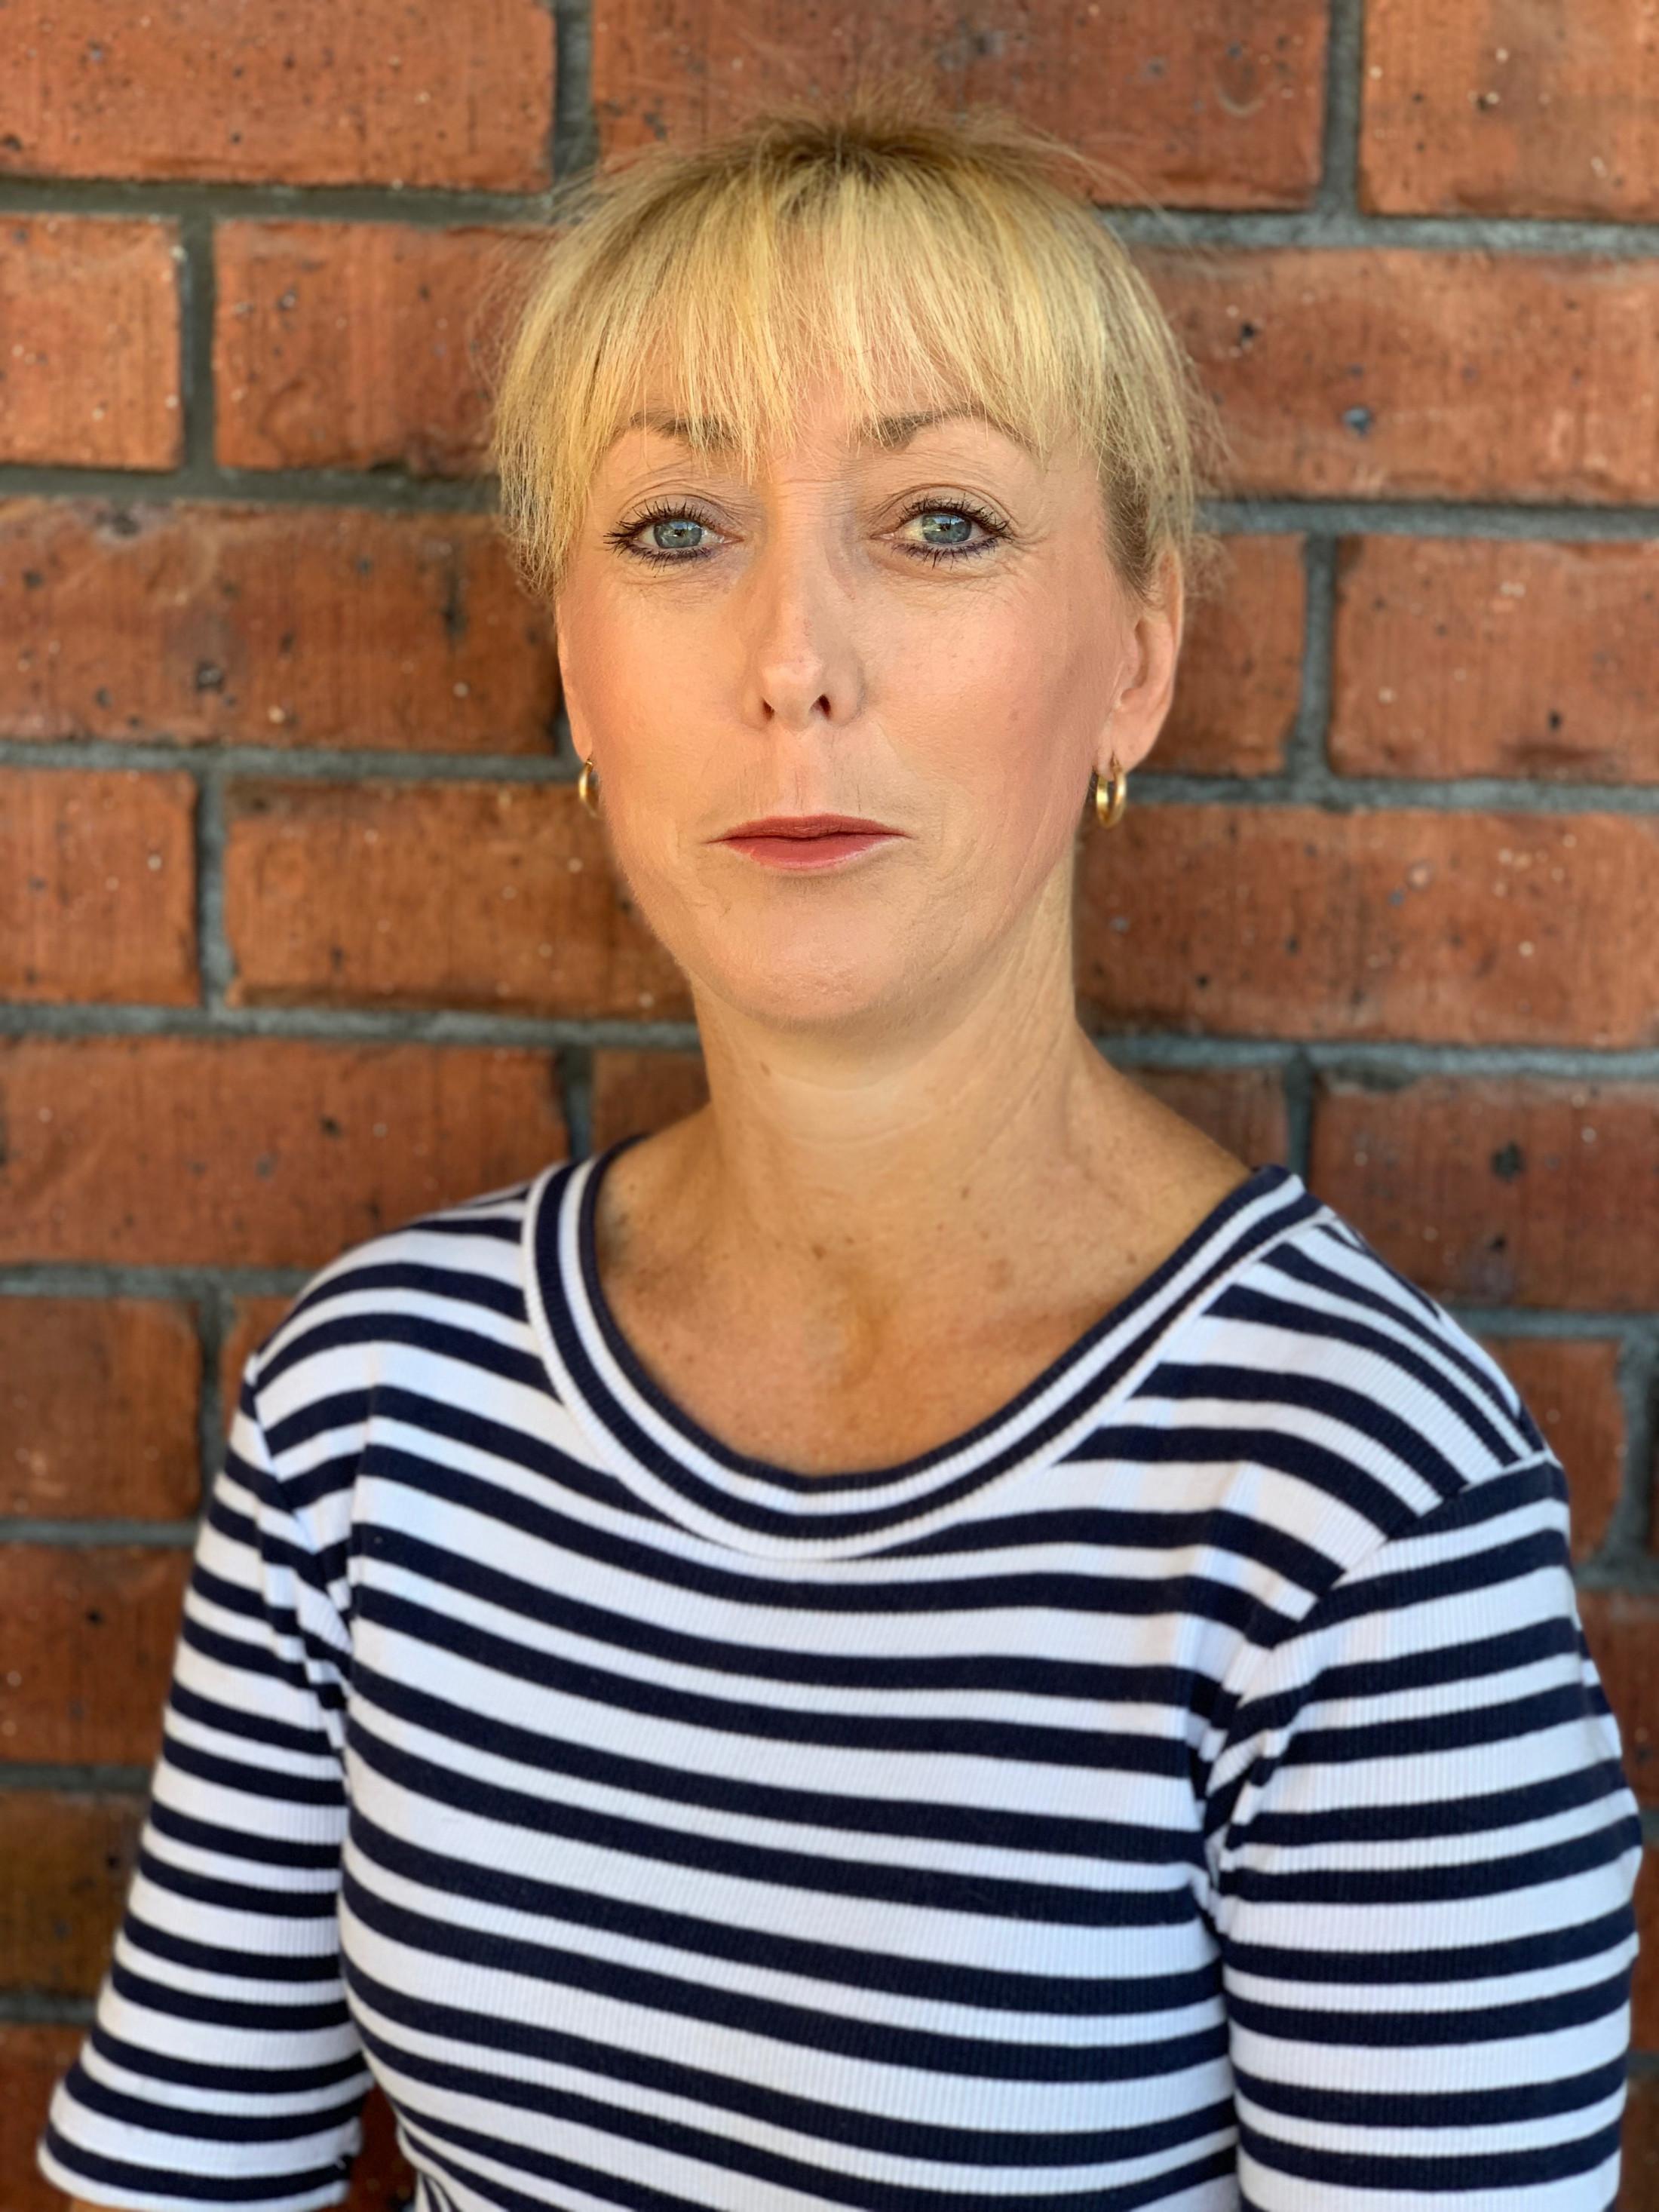 Learning Support Assistant/Office - Rachel Dwan